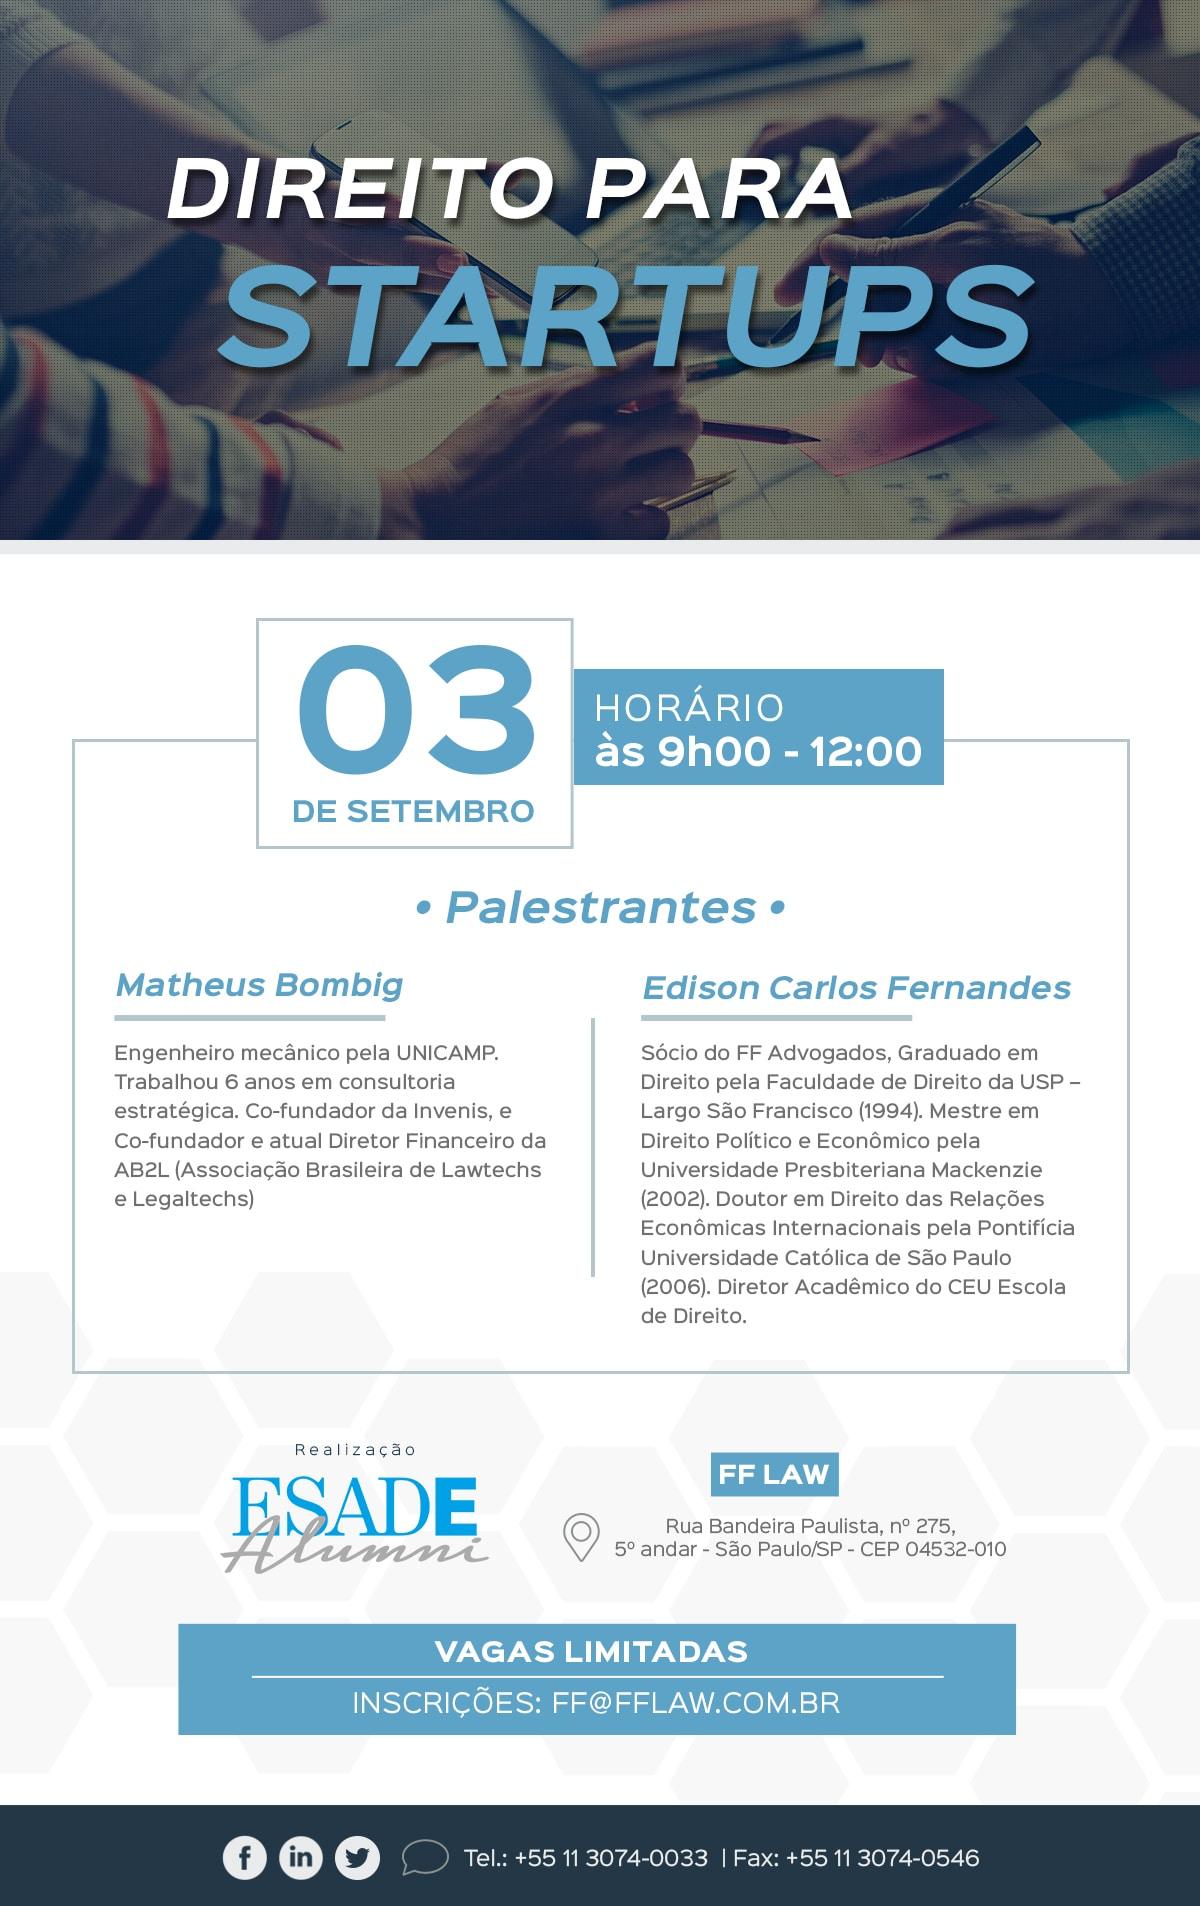 FF_-_Email_Mkt_-_Direito_para_Startups